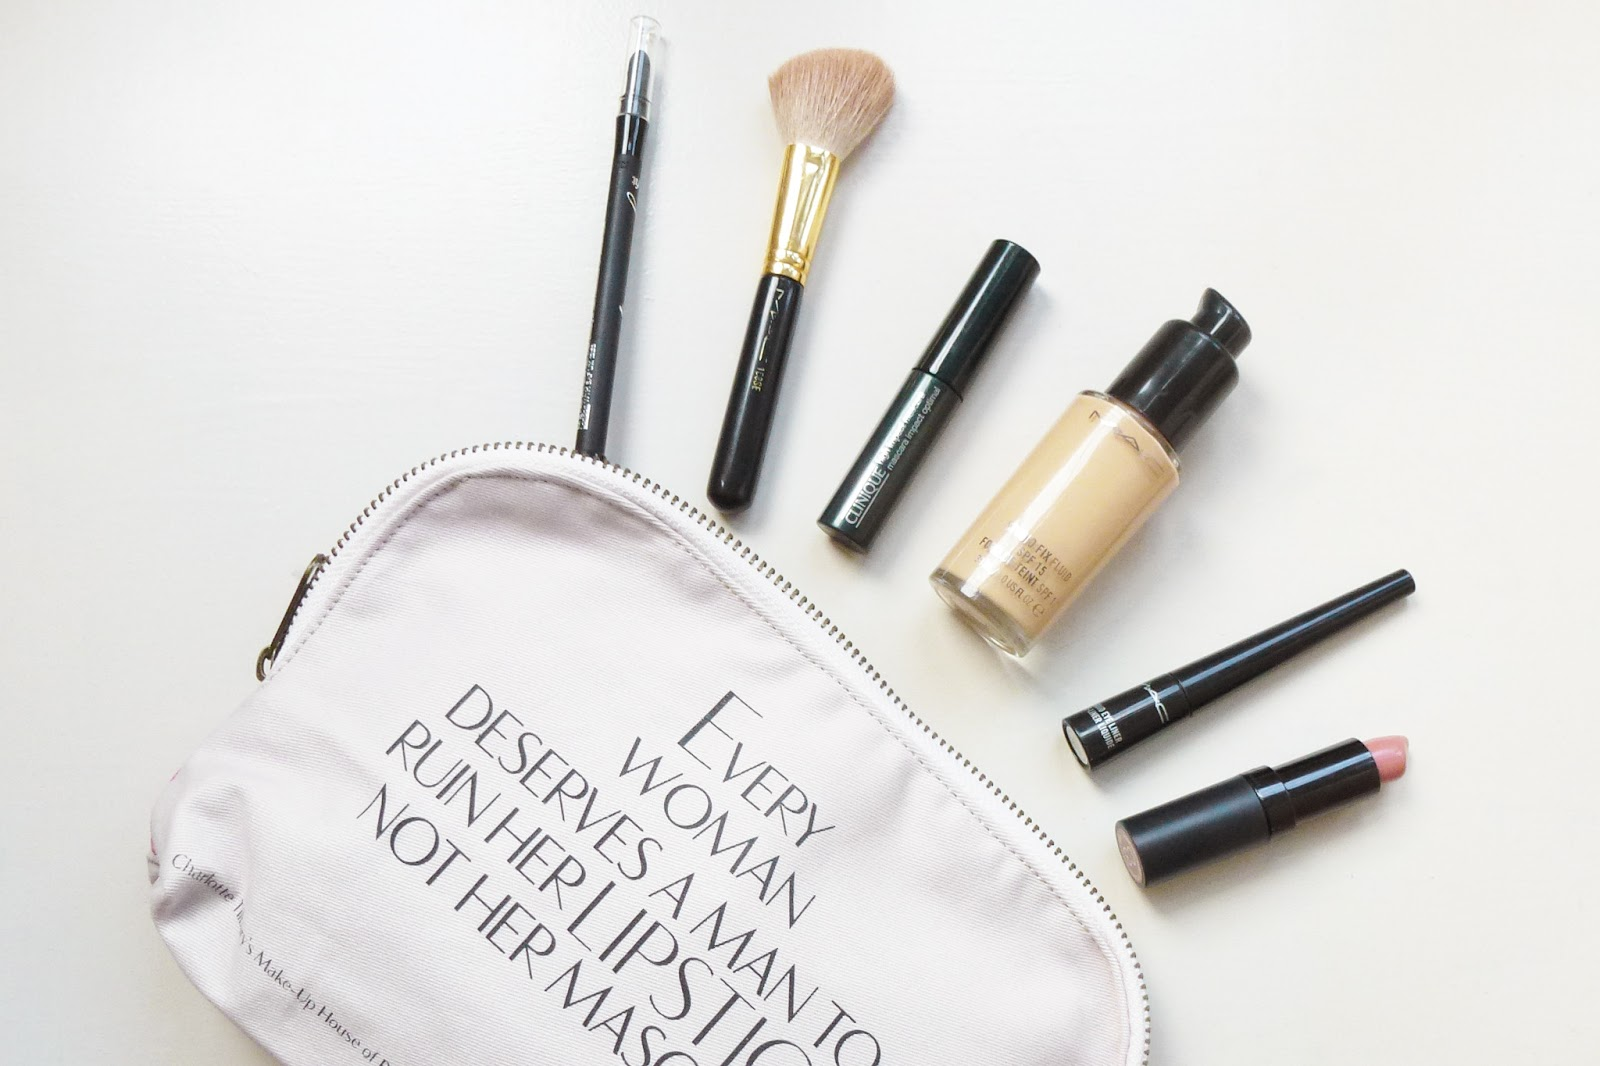 Charlotte+Tilbury+Make+Up+Bag.jpg